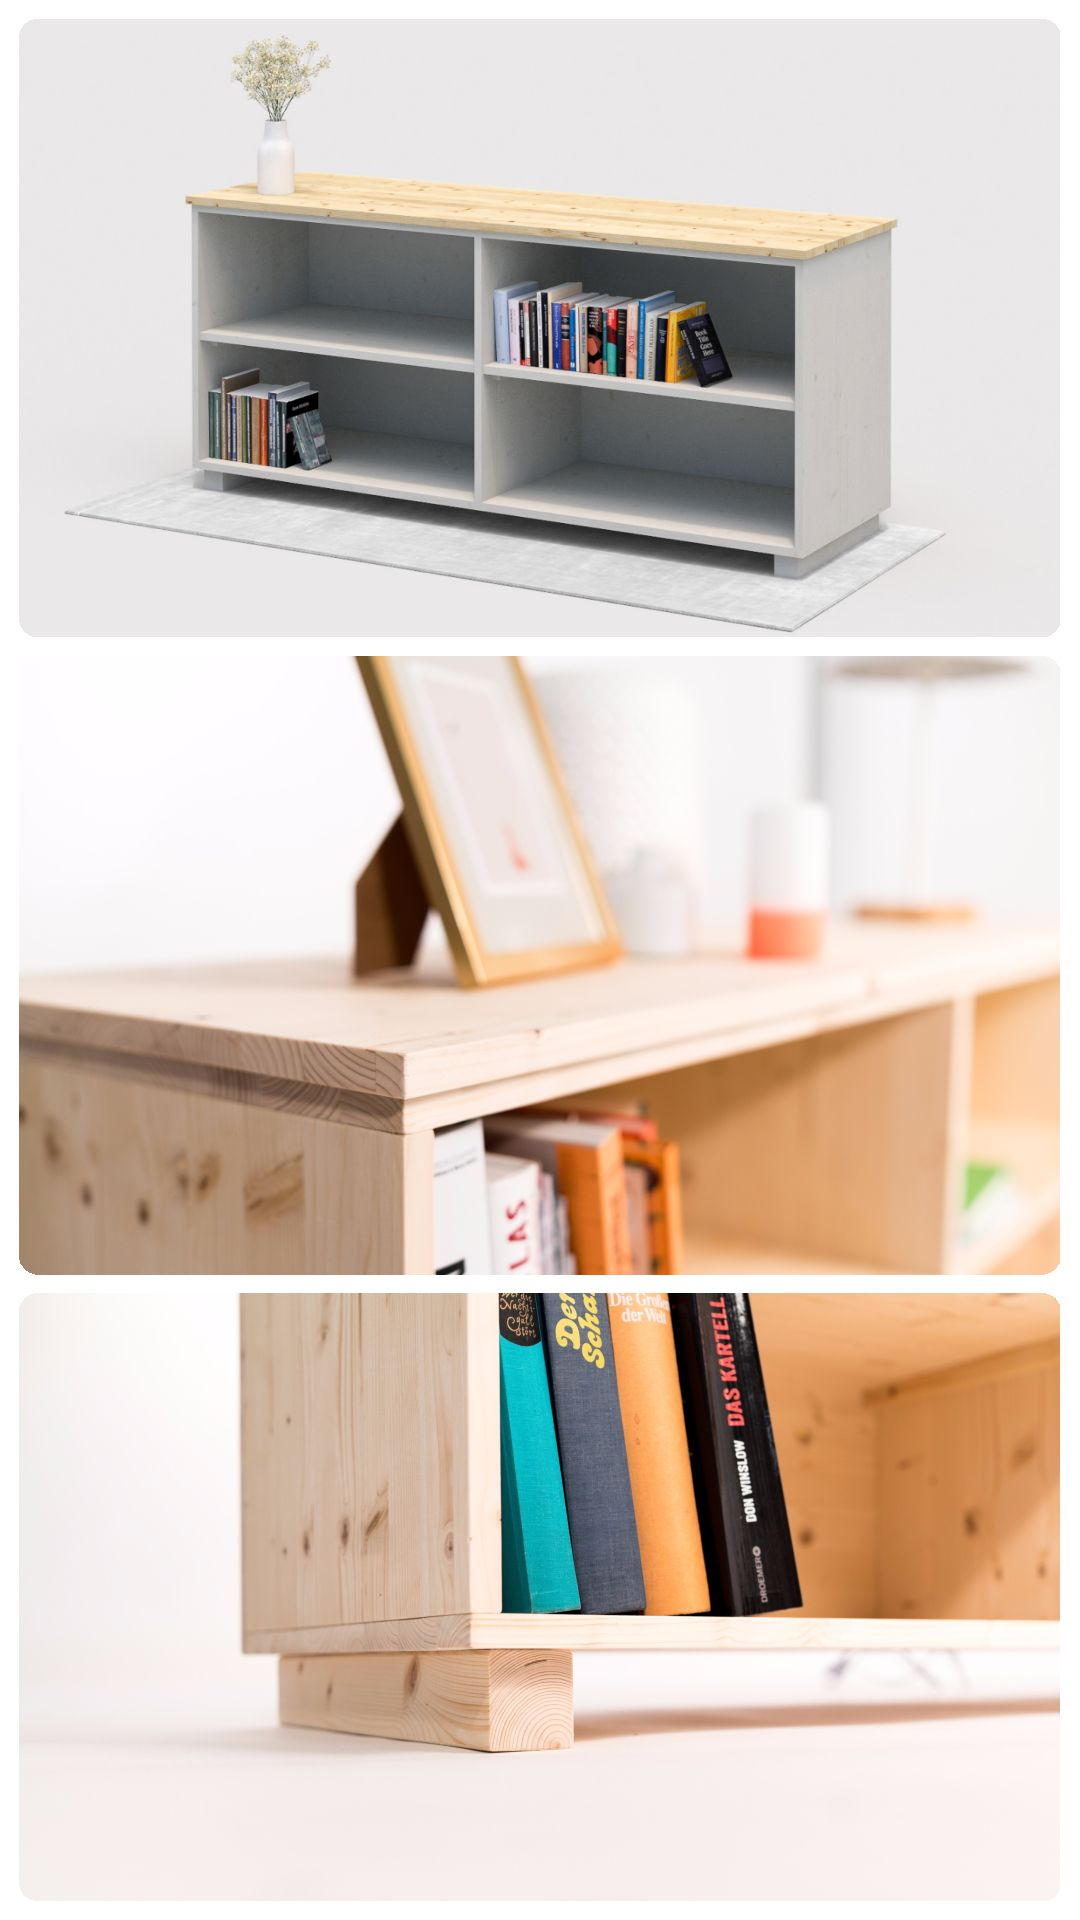 Ob Als Bücherregal, TV Schrank Oder Dekoratives Möbelstück Für Bilder Und  Lampen   Dieses